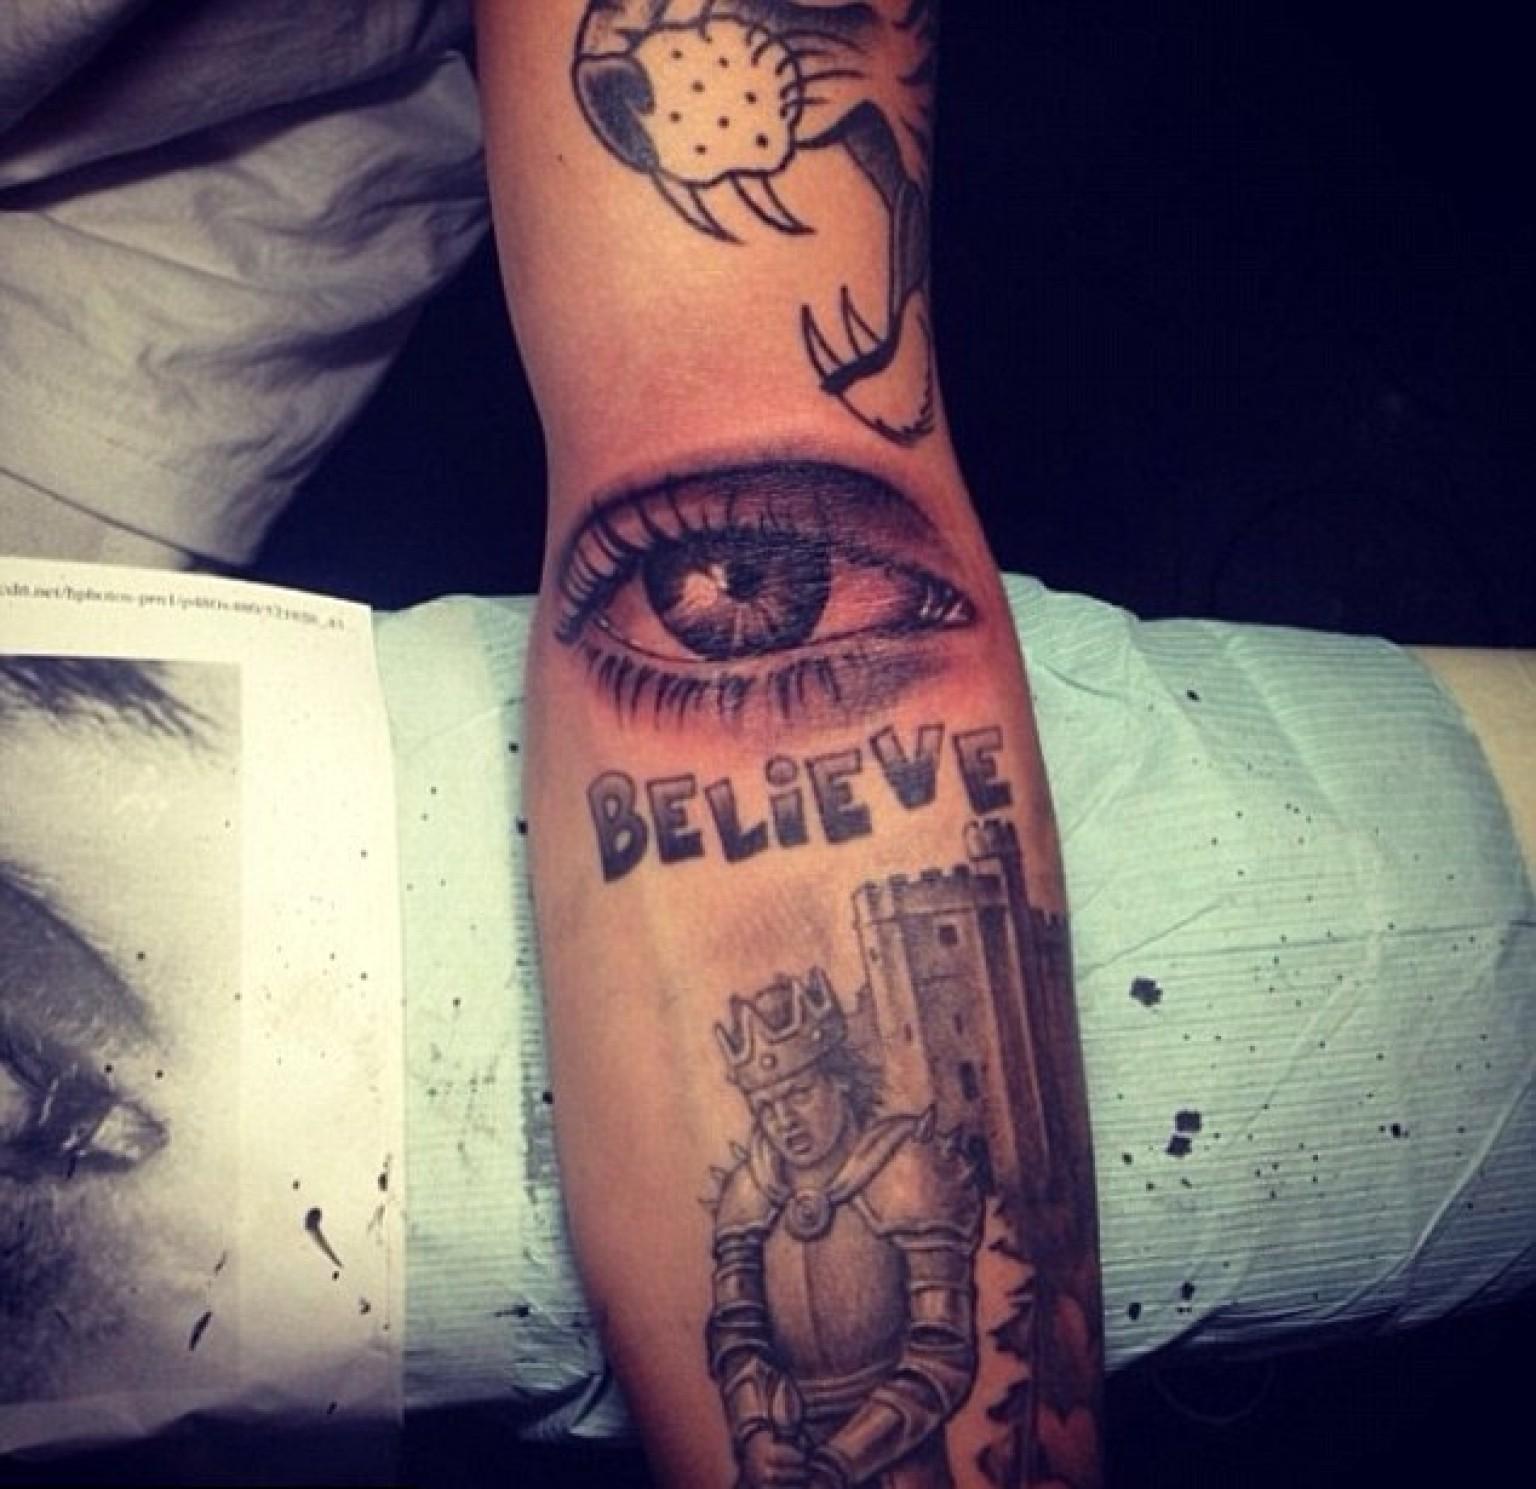 Name Justin Tattoos Justin Bieber's New Tattoo is